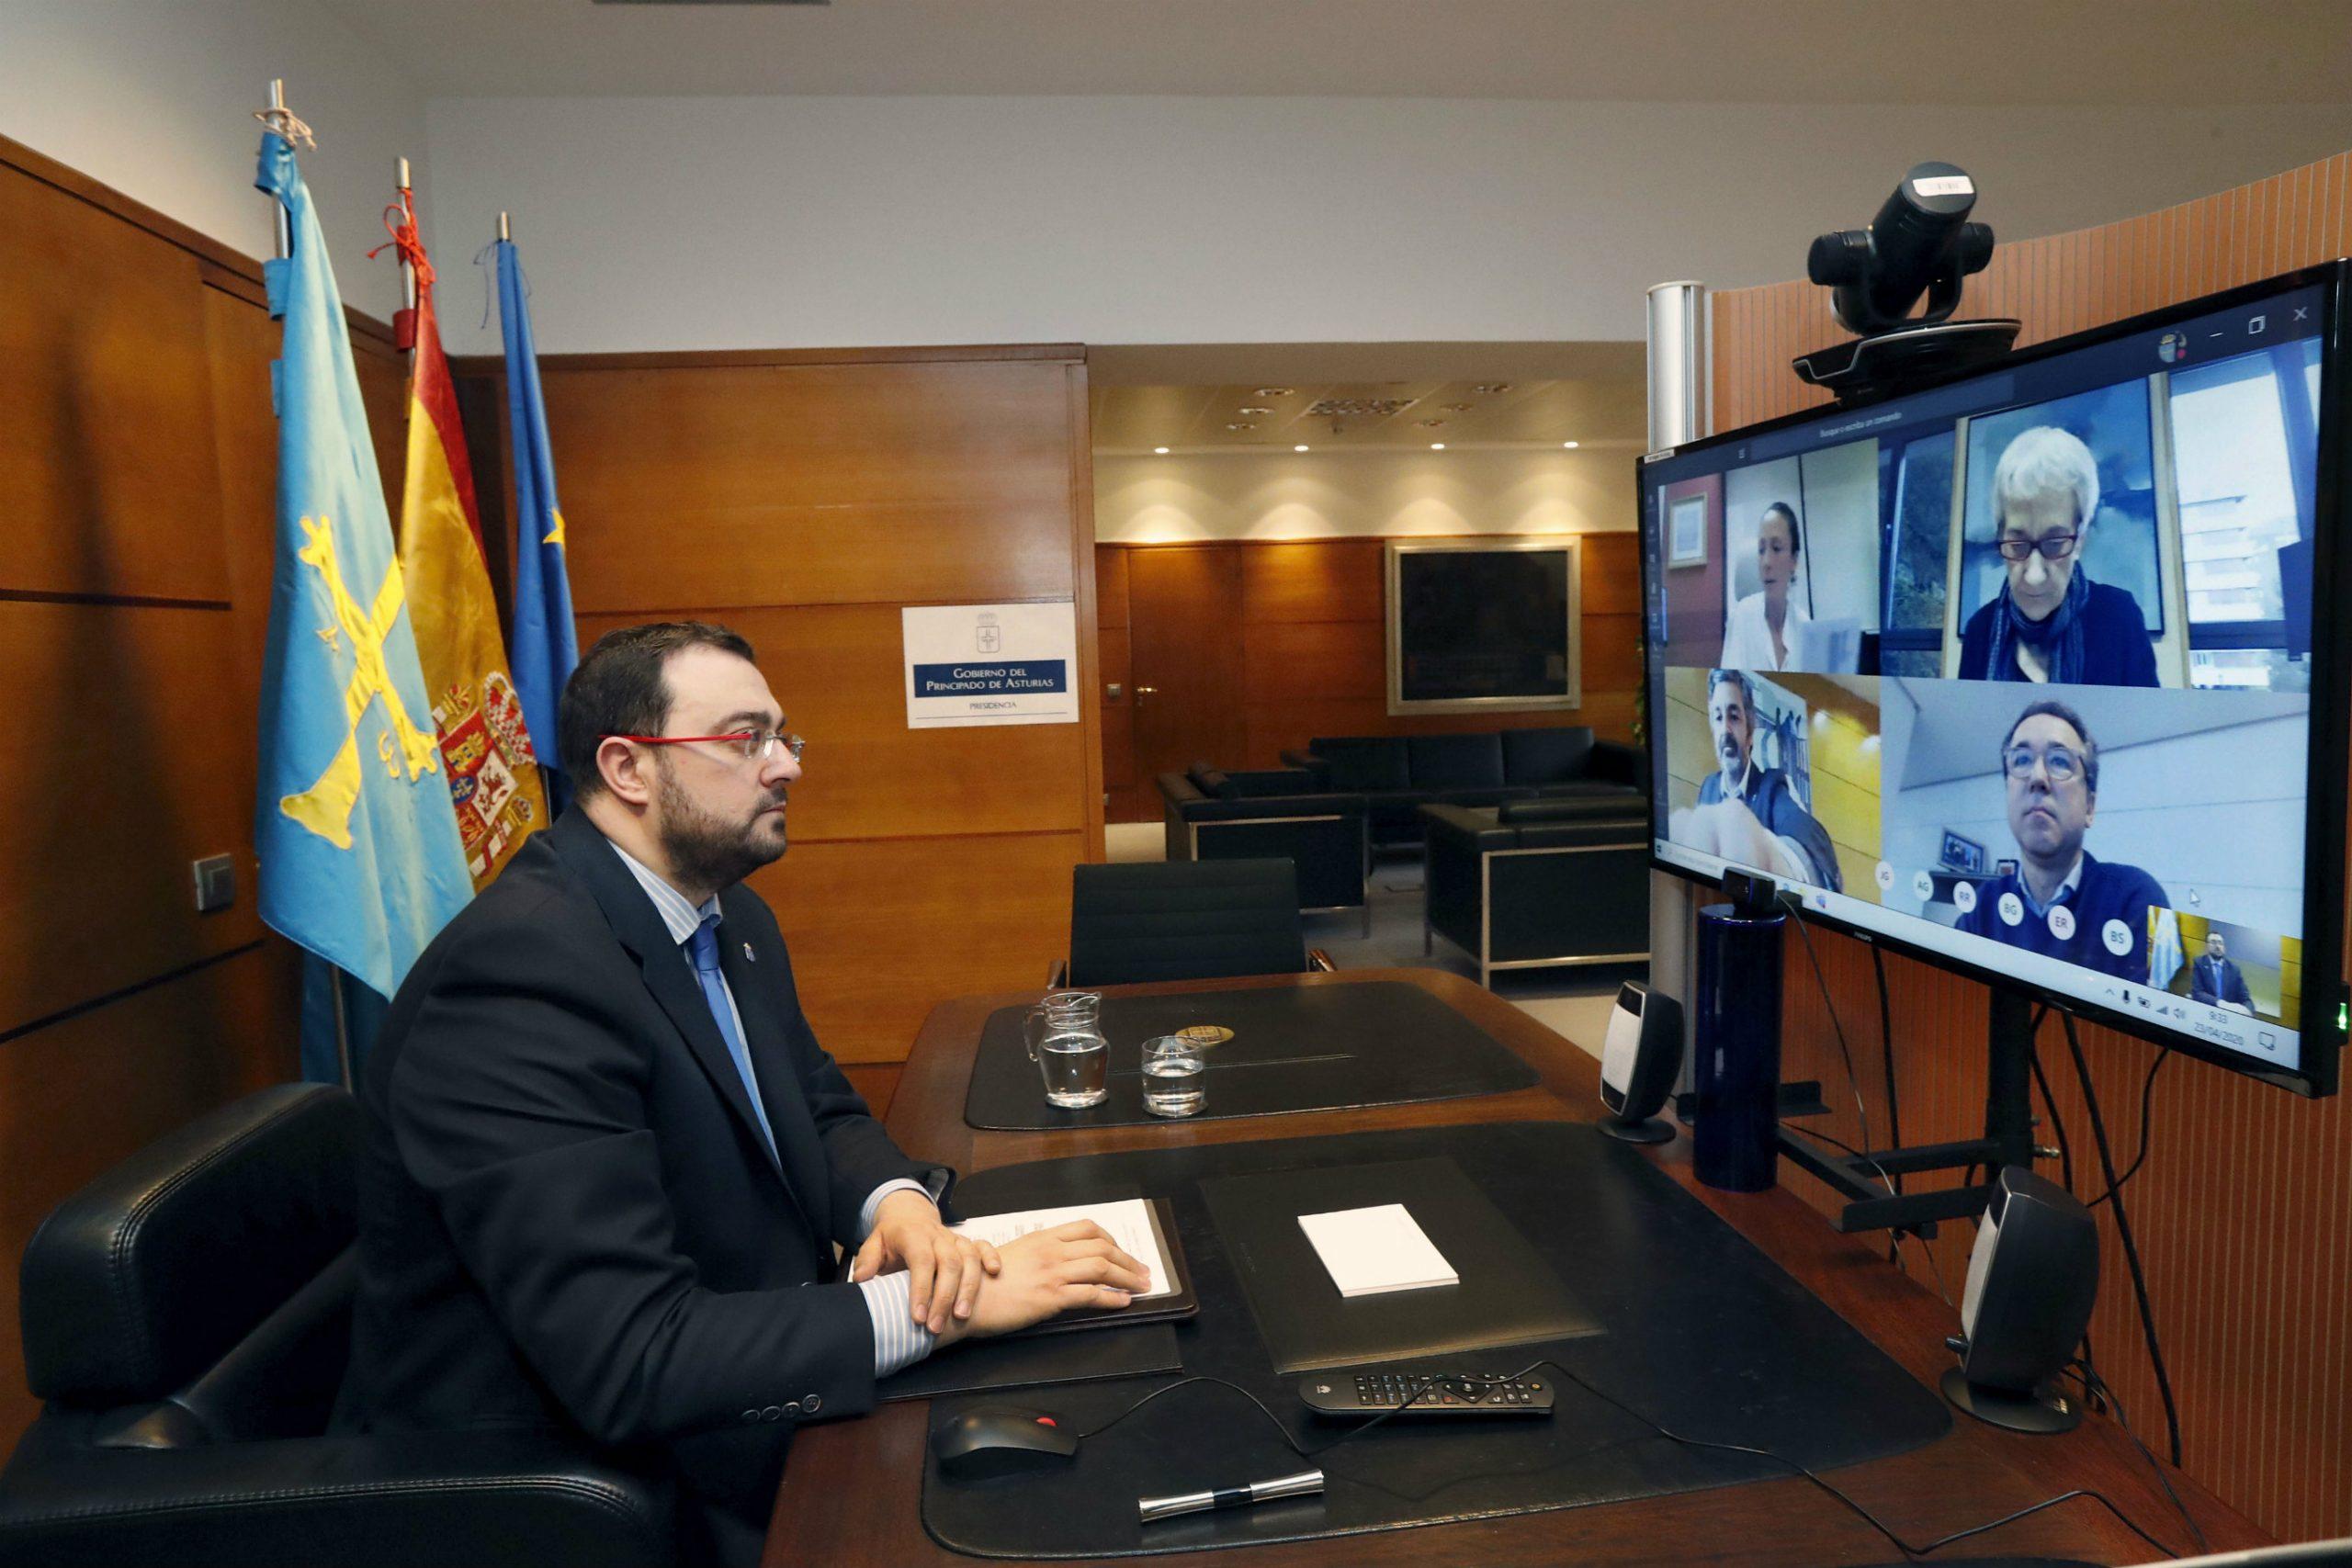 El Gobierno de Asturias limita la circulación en grupo a 15 personas y prohíbe la apertura de discotecas en la fase 3 de la desescalada